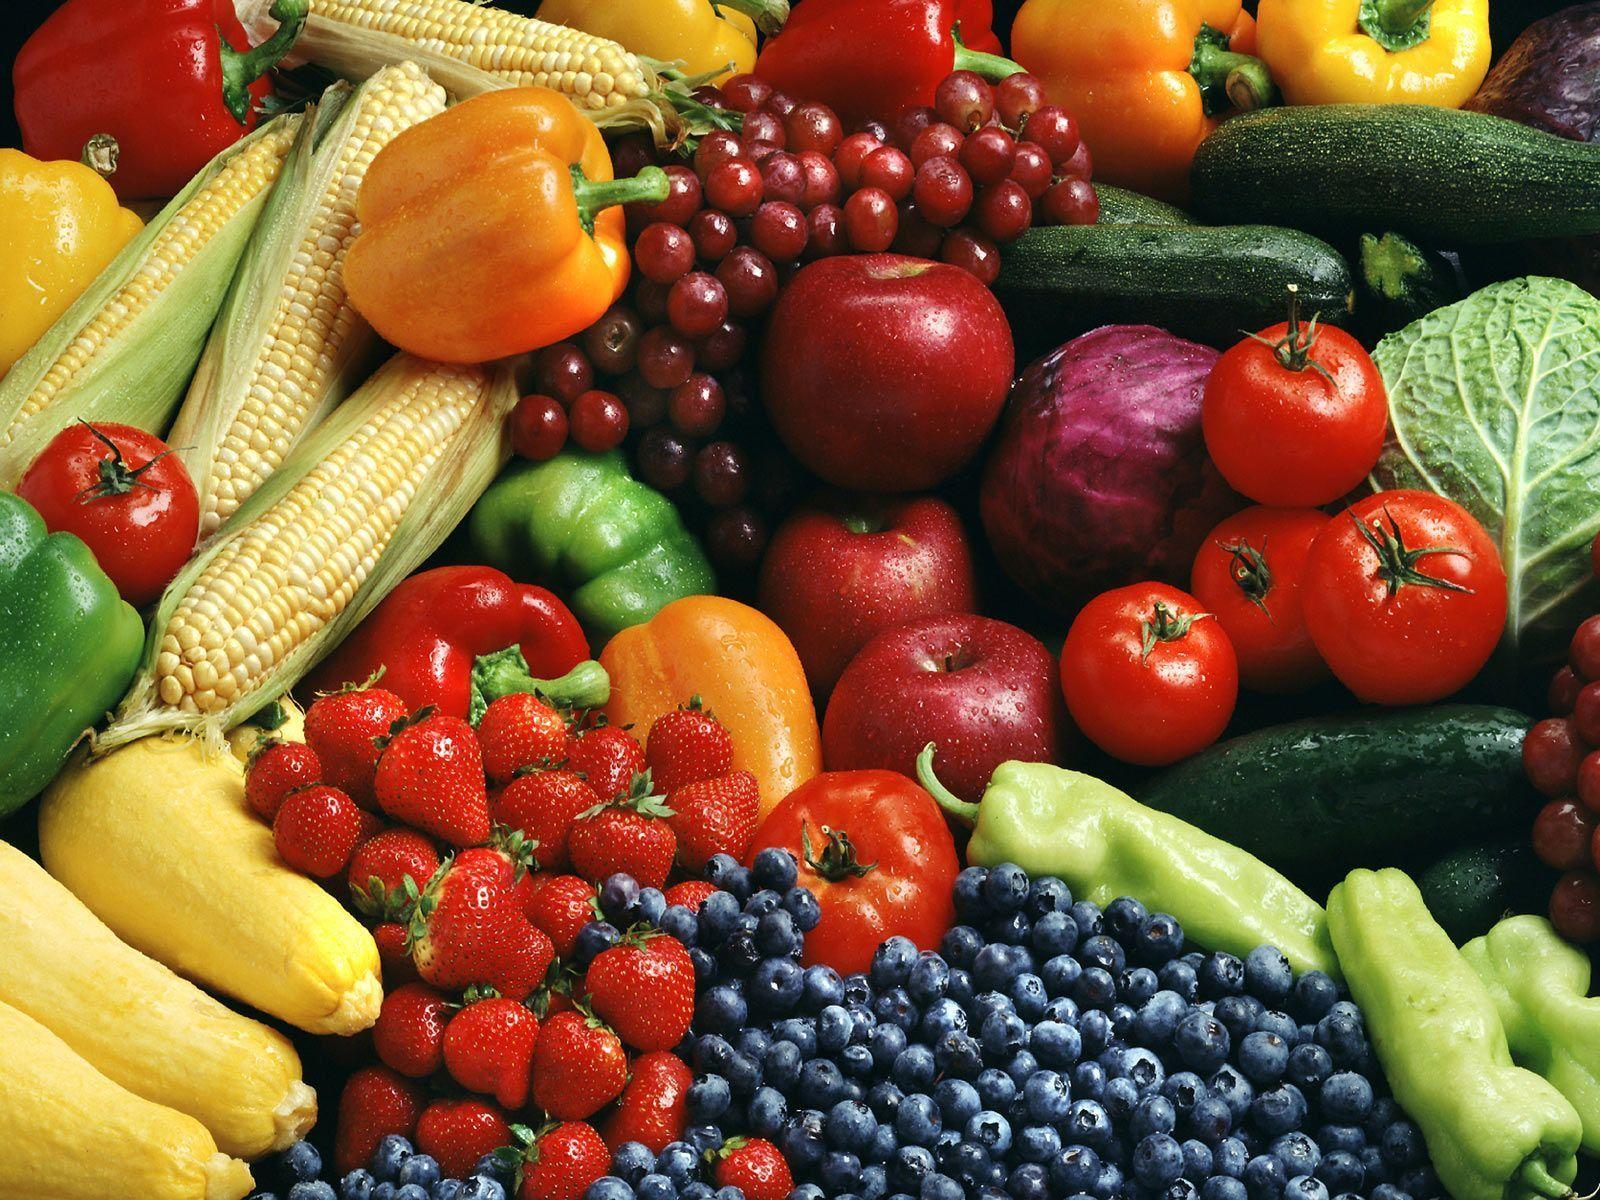 senasa no hay riesgo toxicológico en frutas y verduras adn